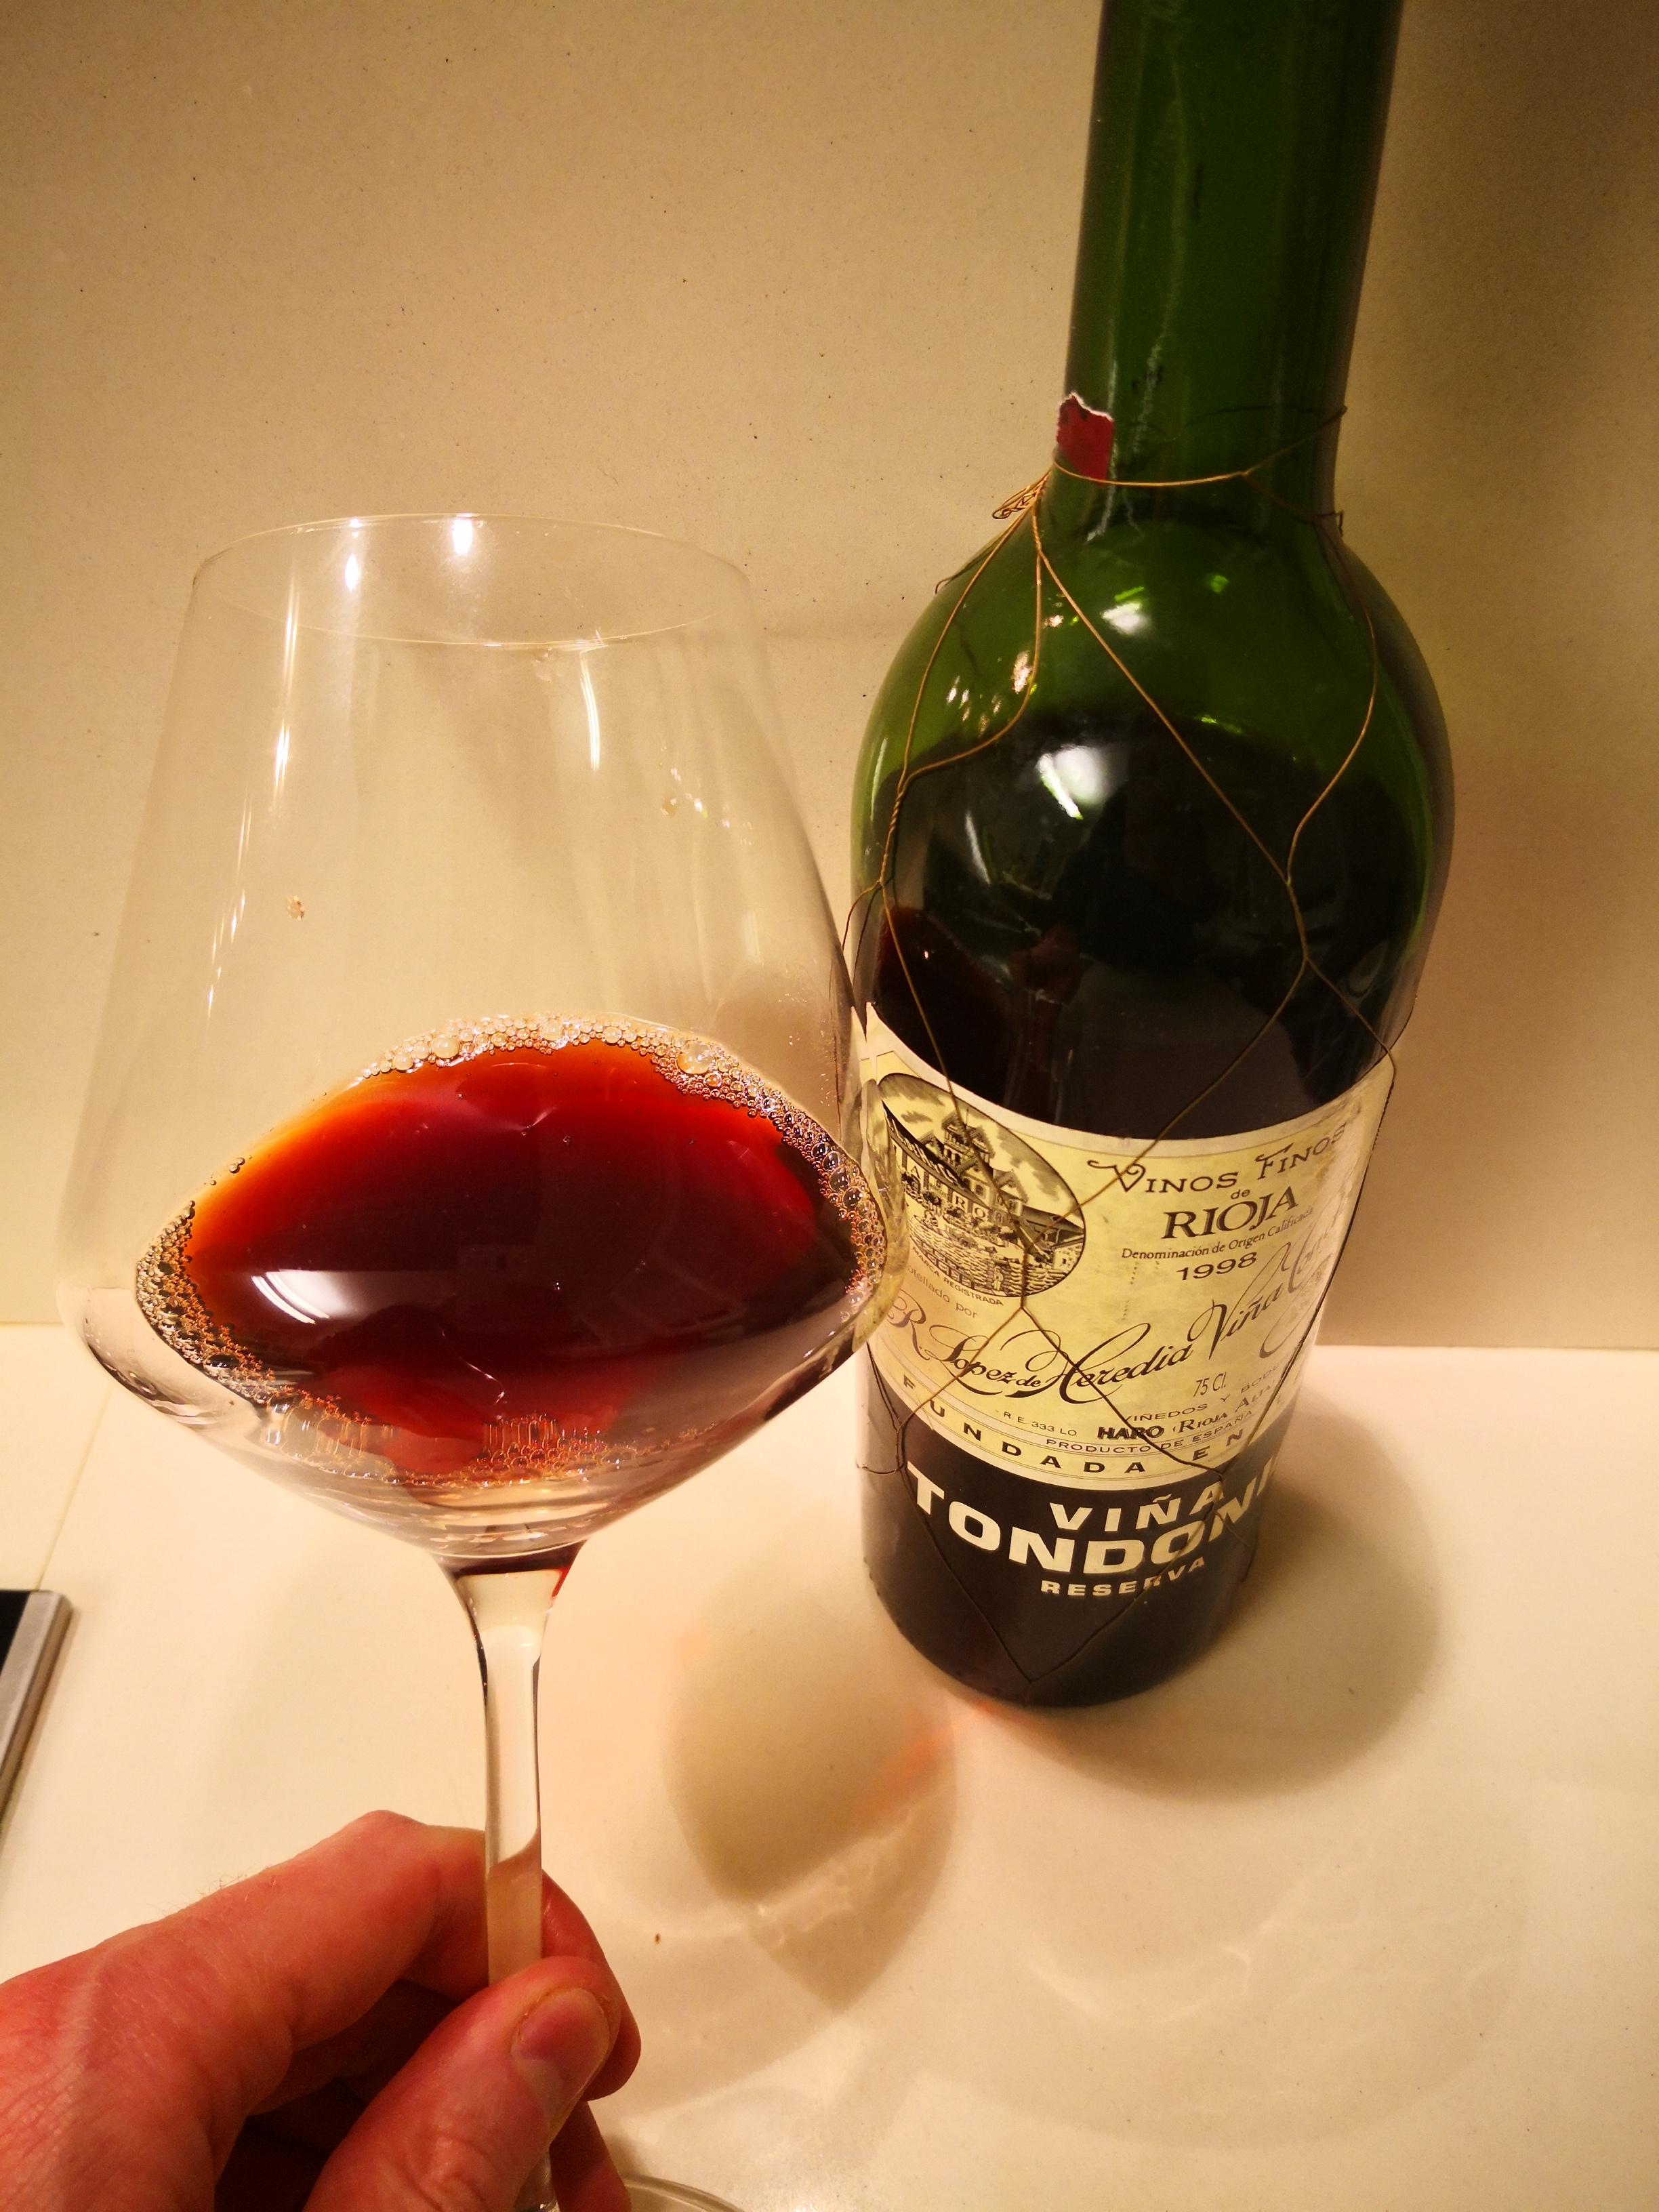 El vino que he disfrutado esta noche...